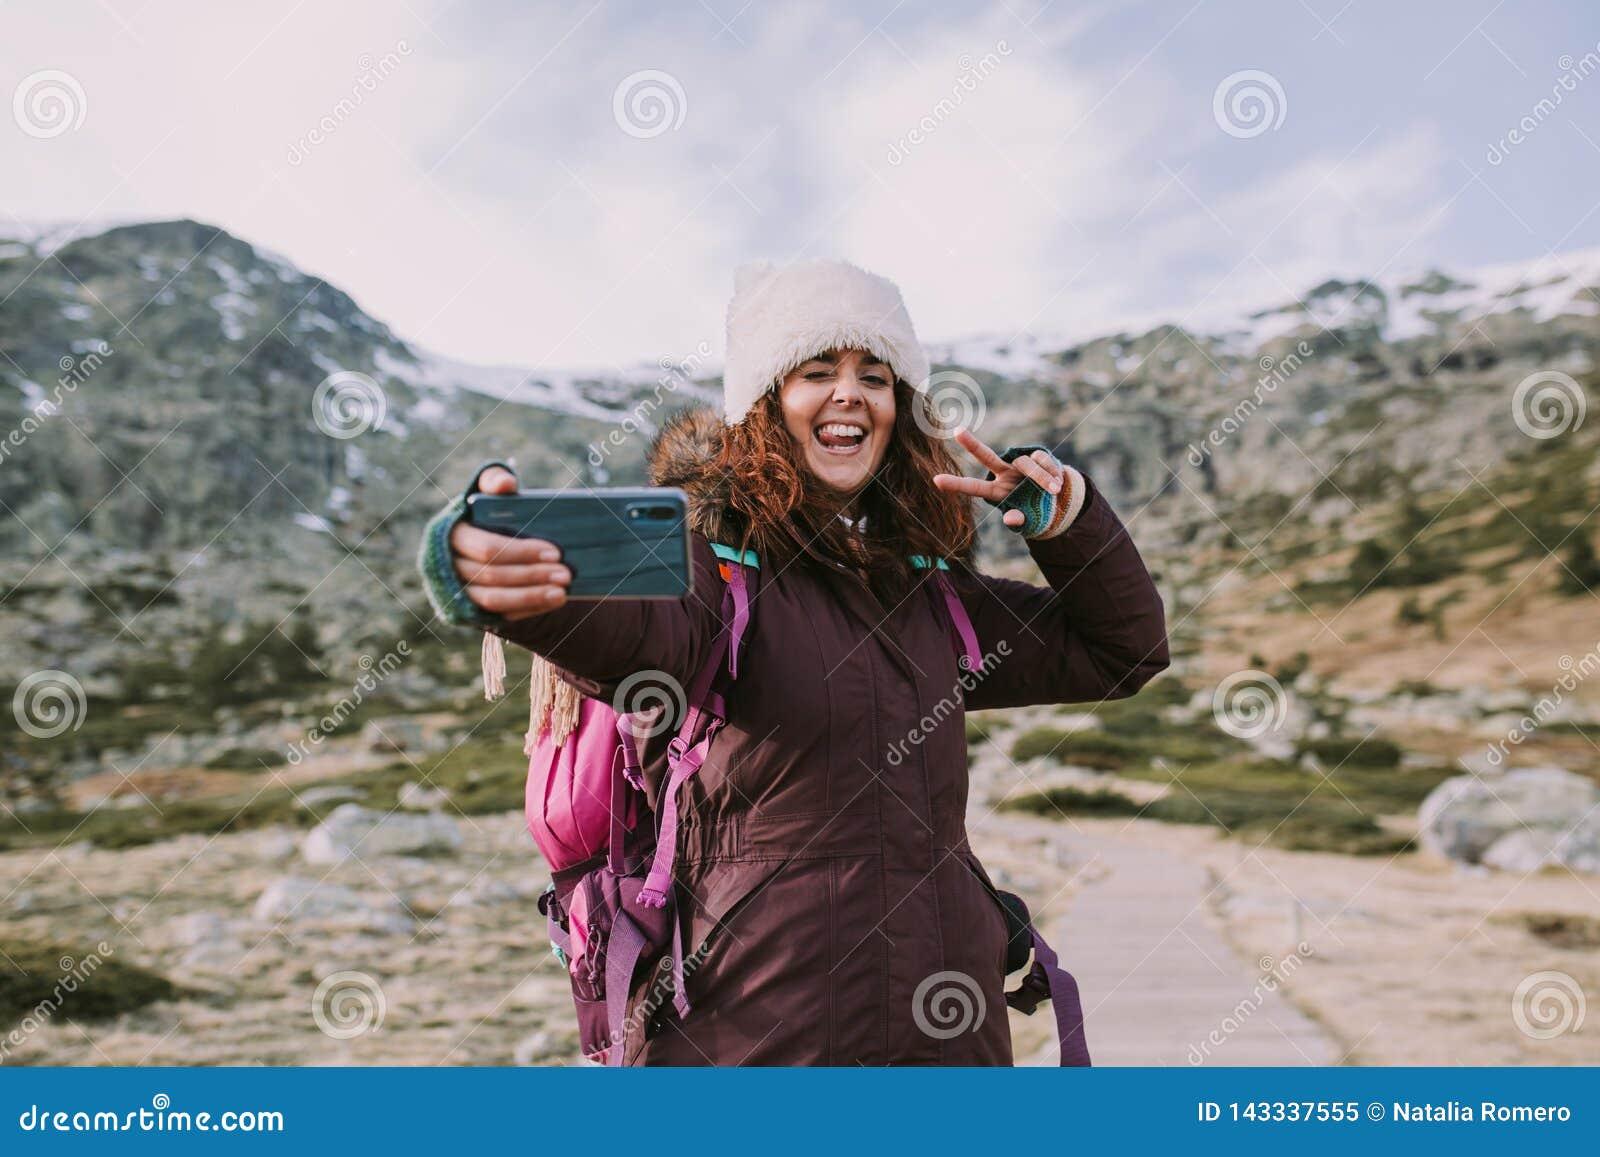 Brunetki dziewczyna z jej plecakiem i kapeluszem na jej głowie bierze obrazek obok gór z dużym uśmiechem na jej usta